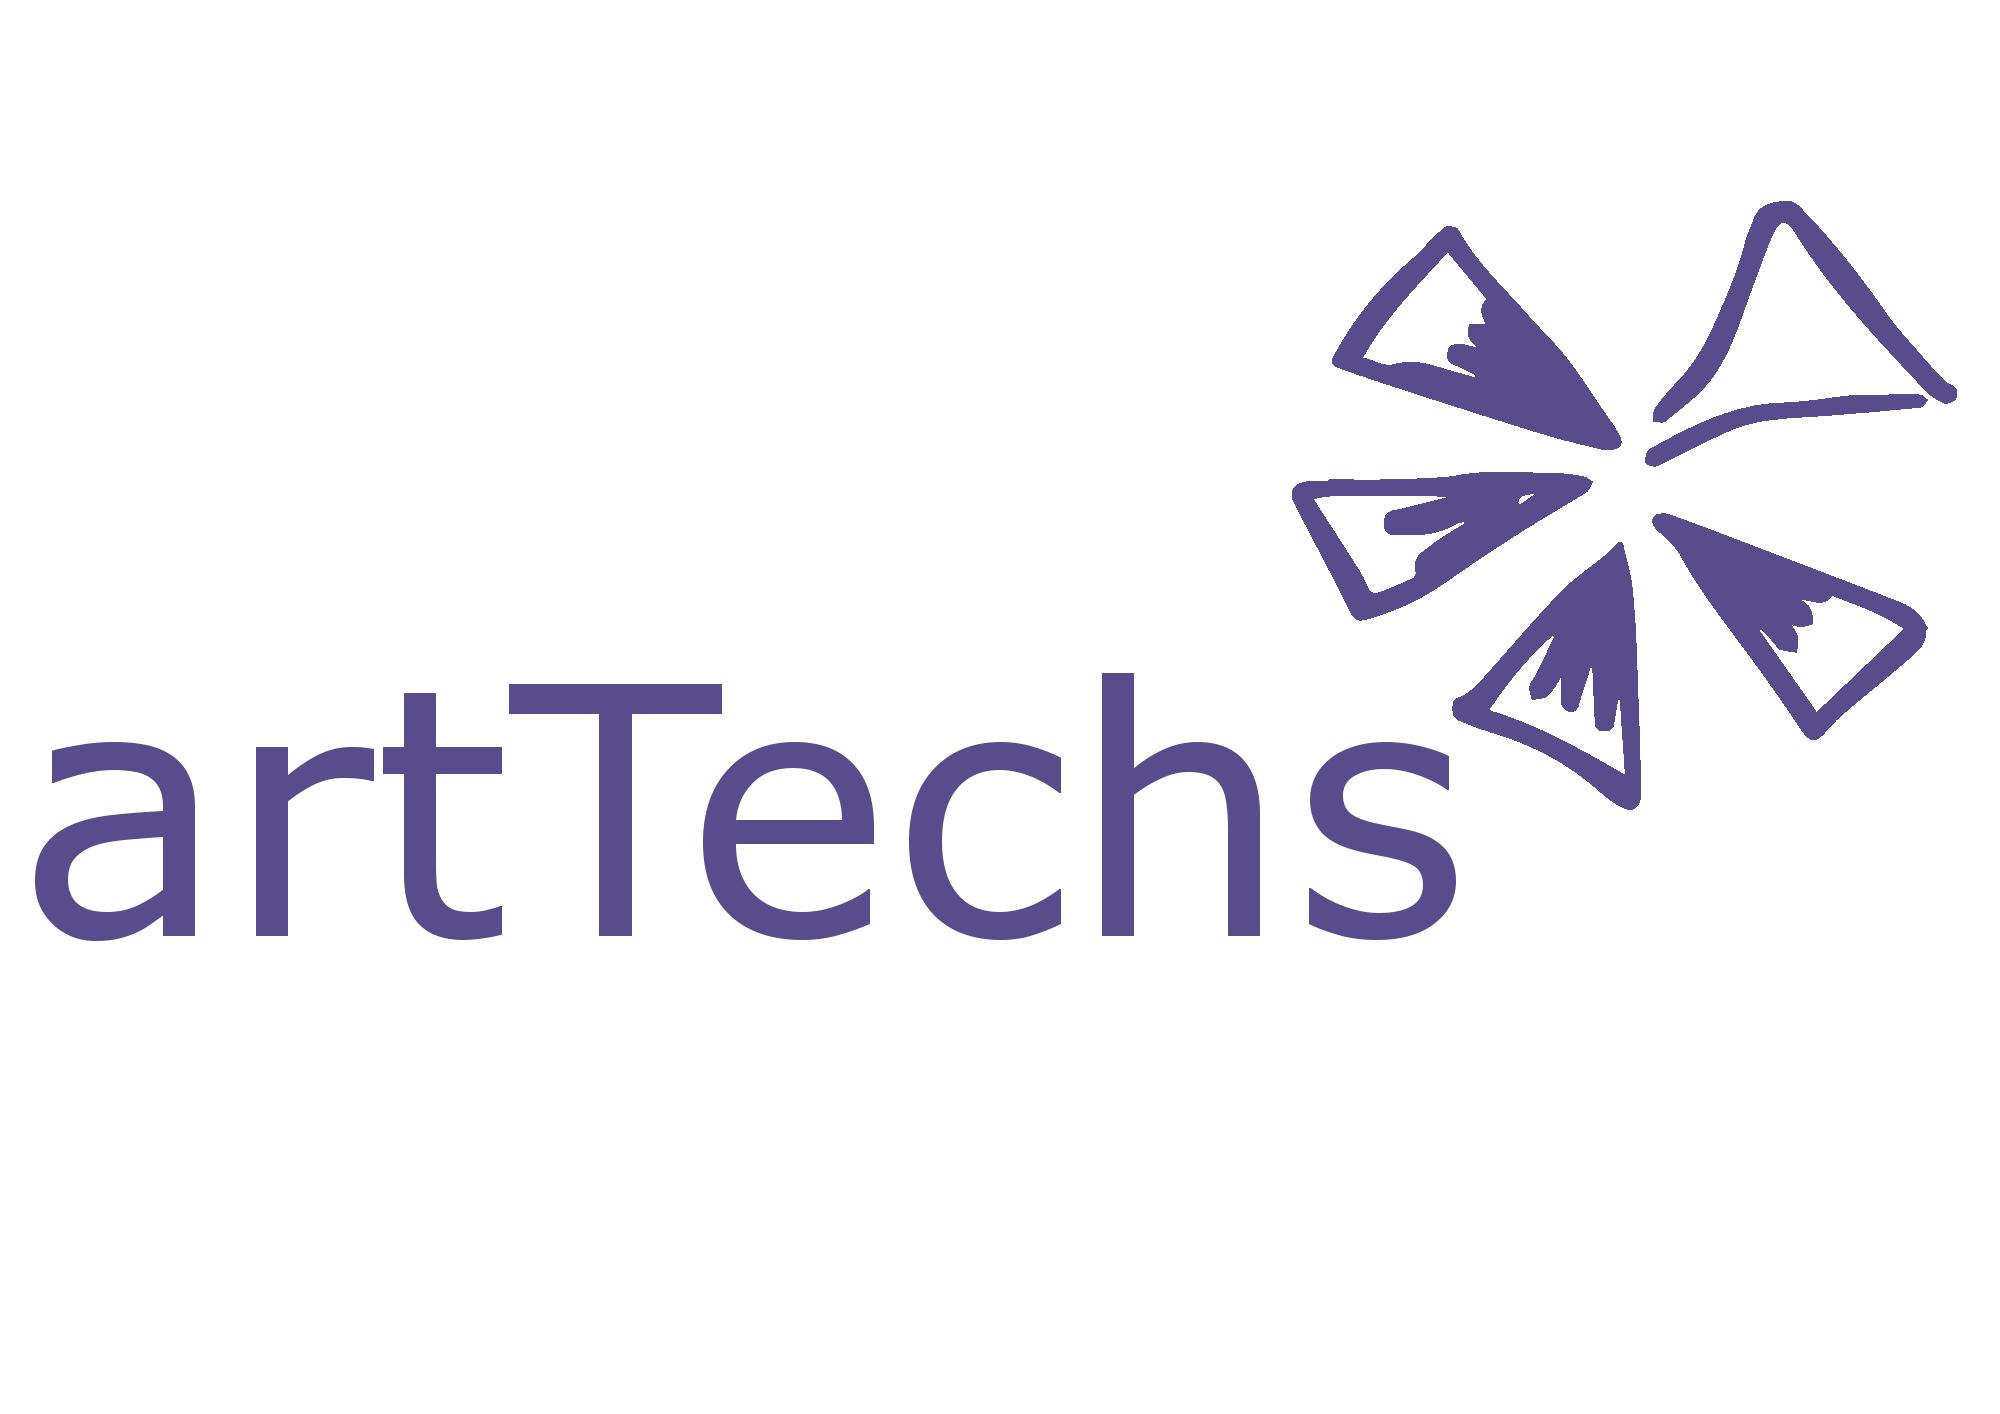 arttechs.io